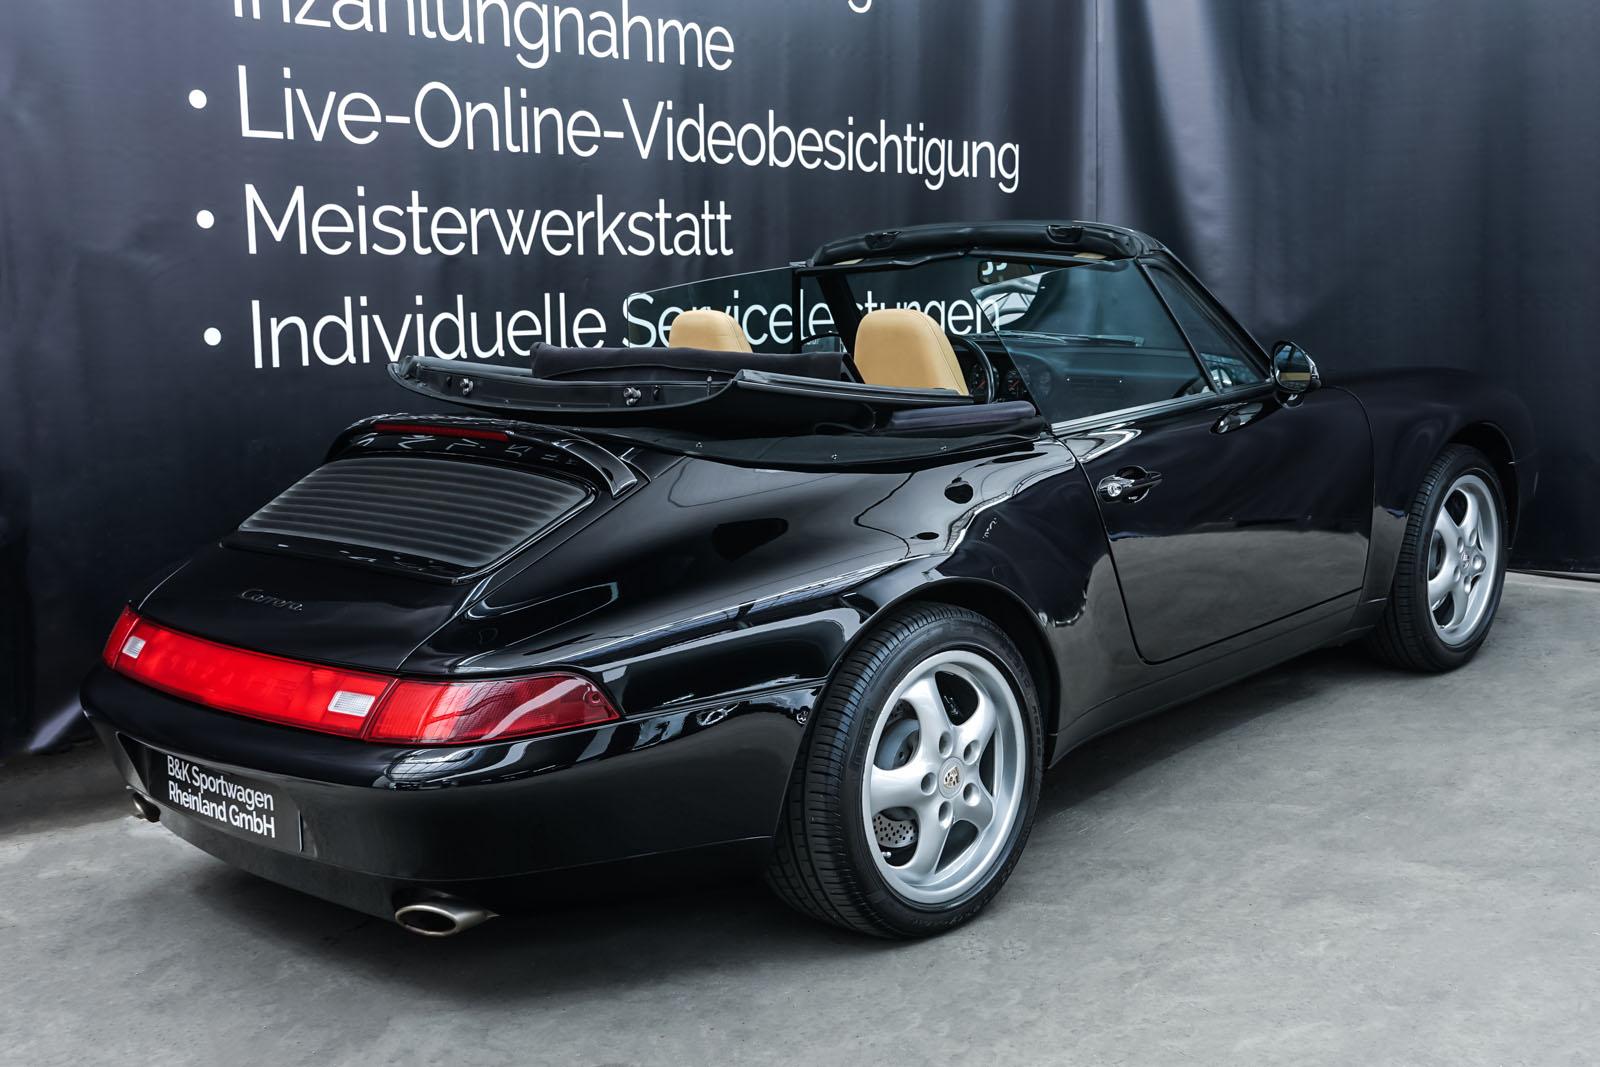 Porsche_993_C2_Cabrio_Black_Beige_POR-0137_17_w